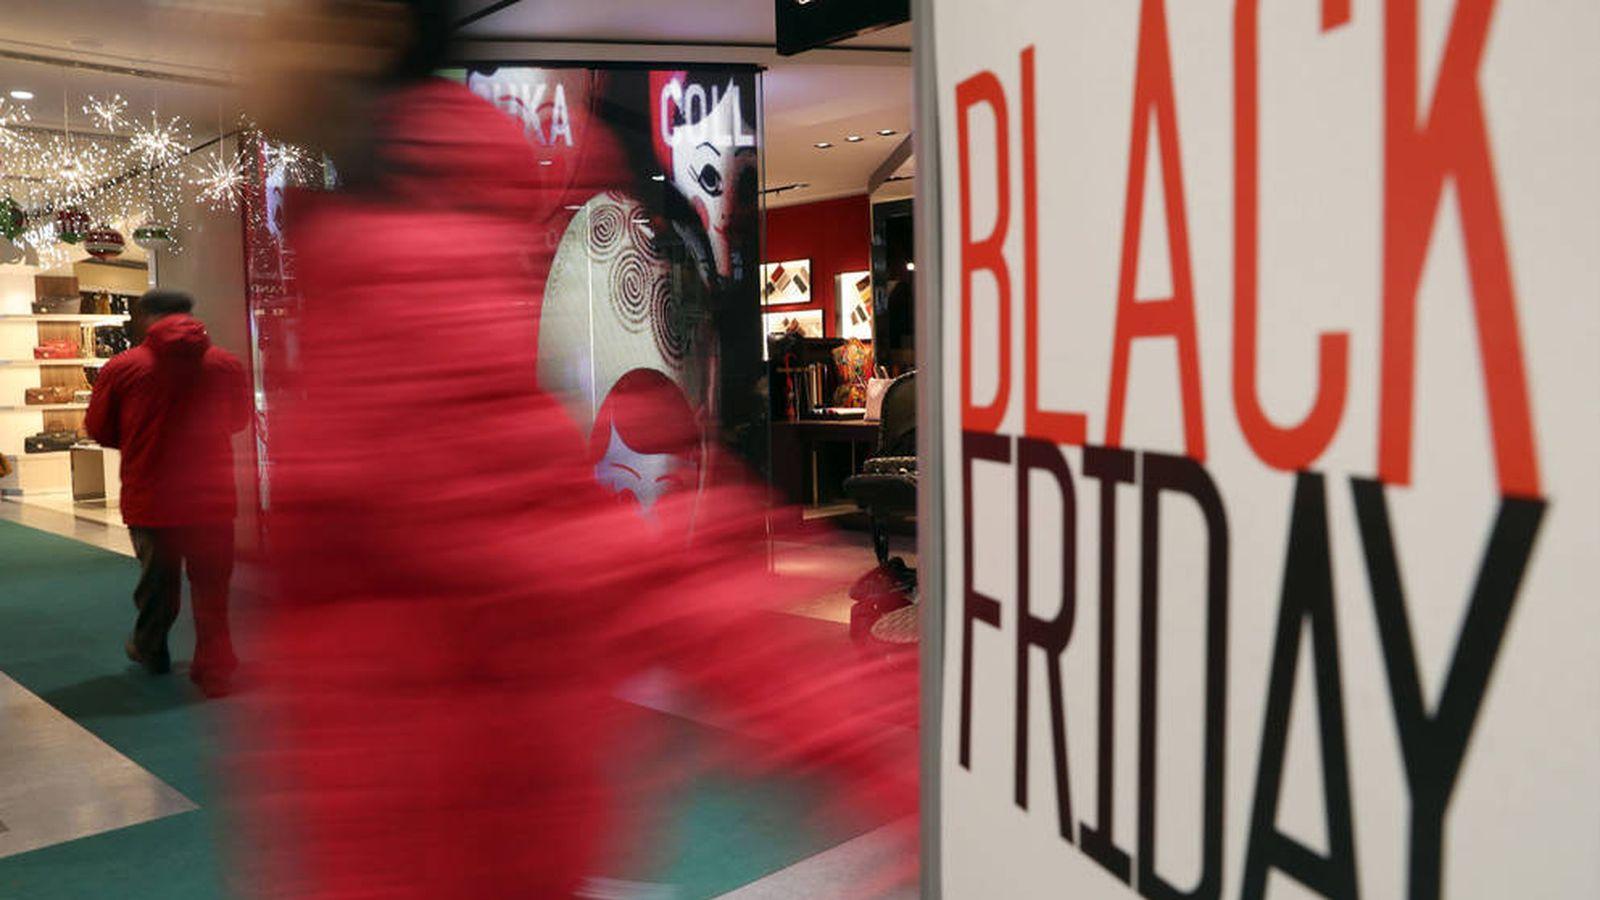 deea2d5f9e Las ofertas más raras del Black Friday  cirugía a mitad de precio y  nacionalidad en rebajas